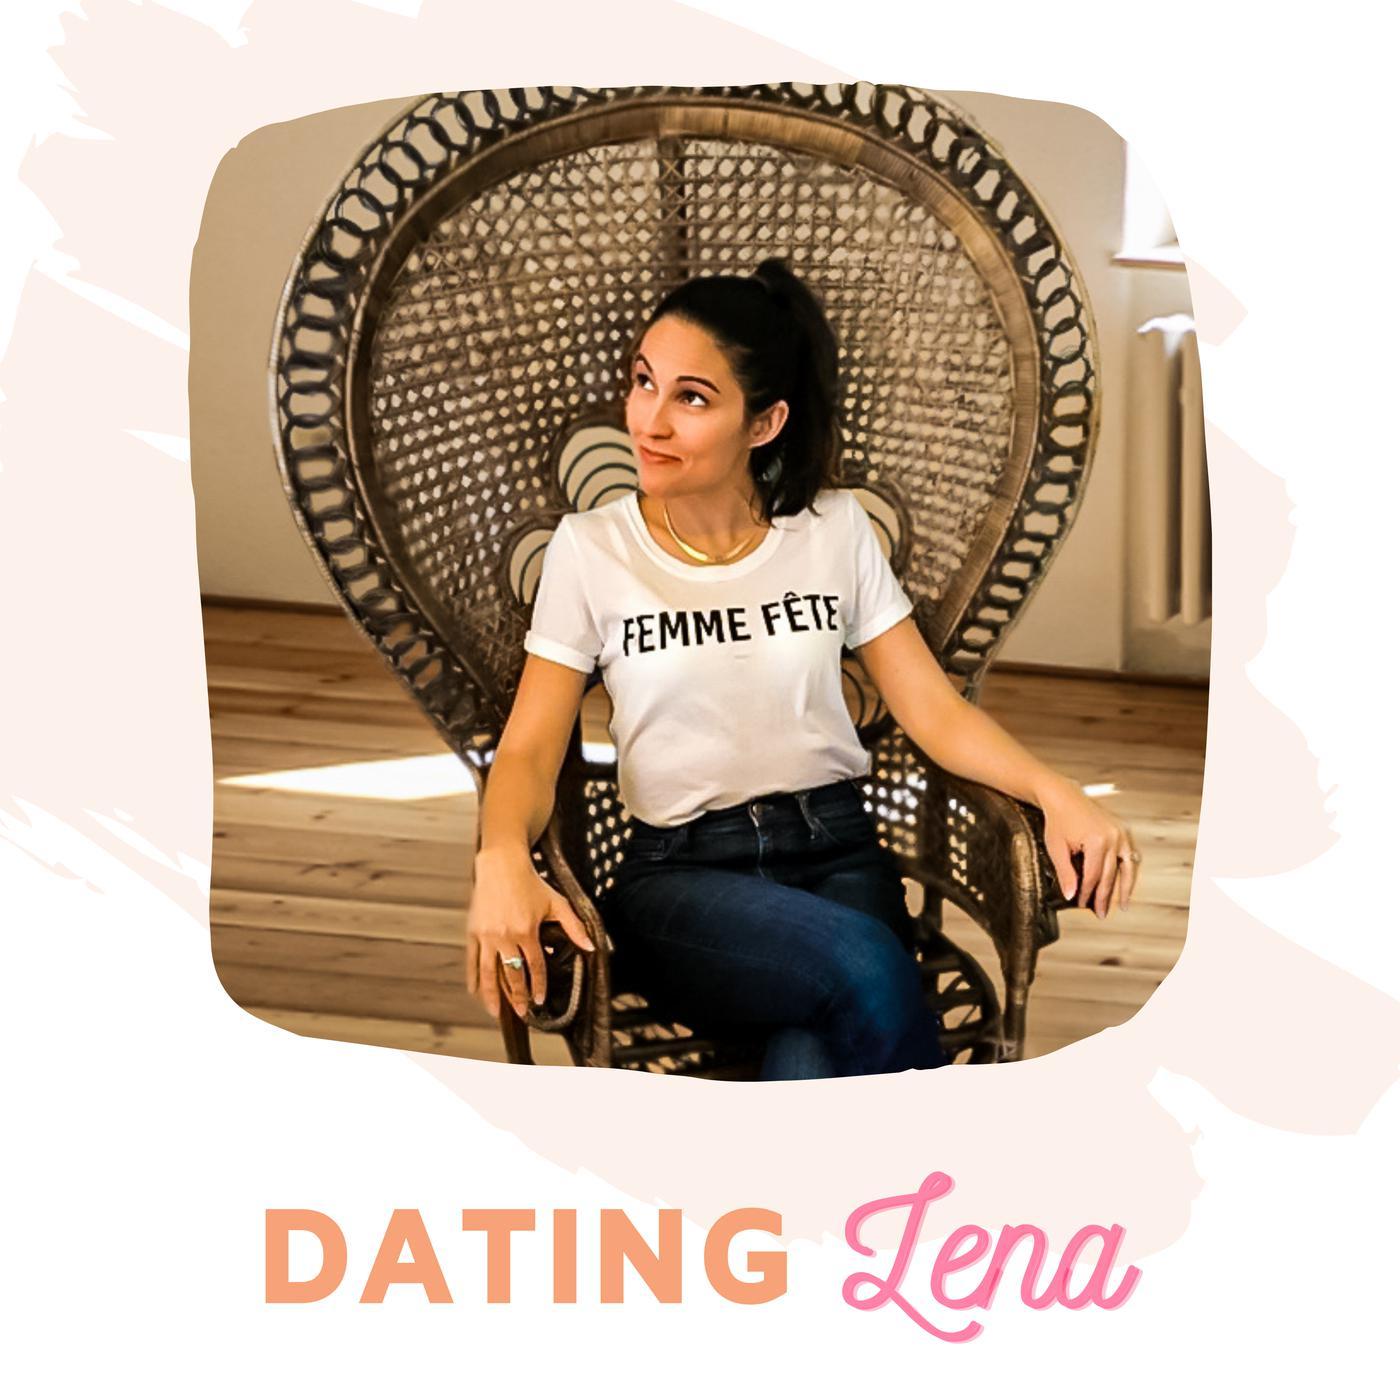 Lena dating girls dating men